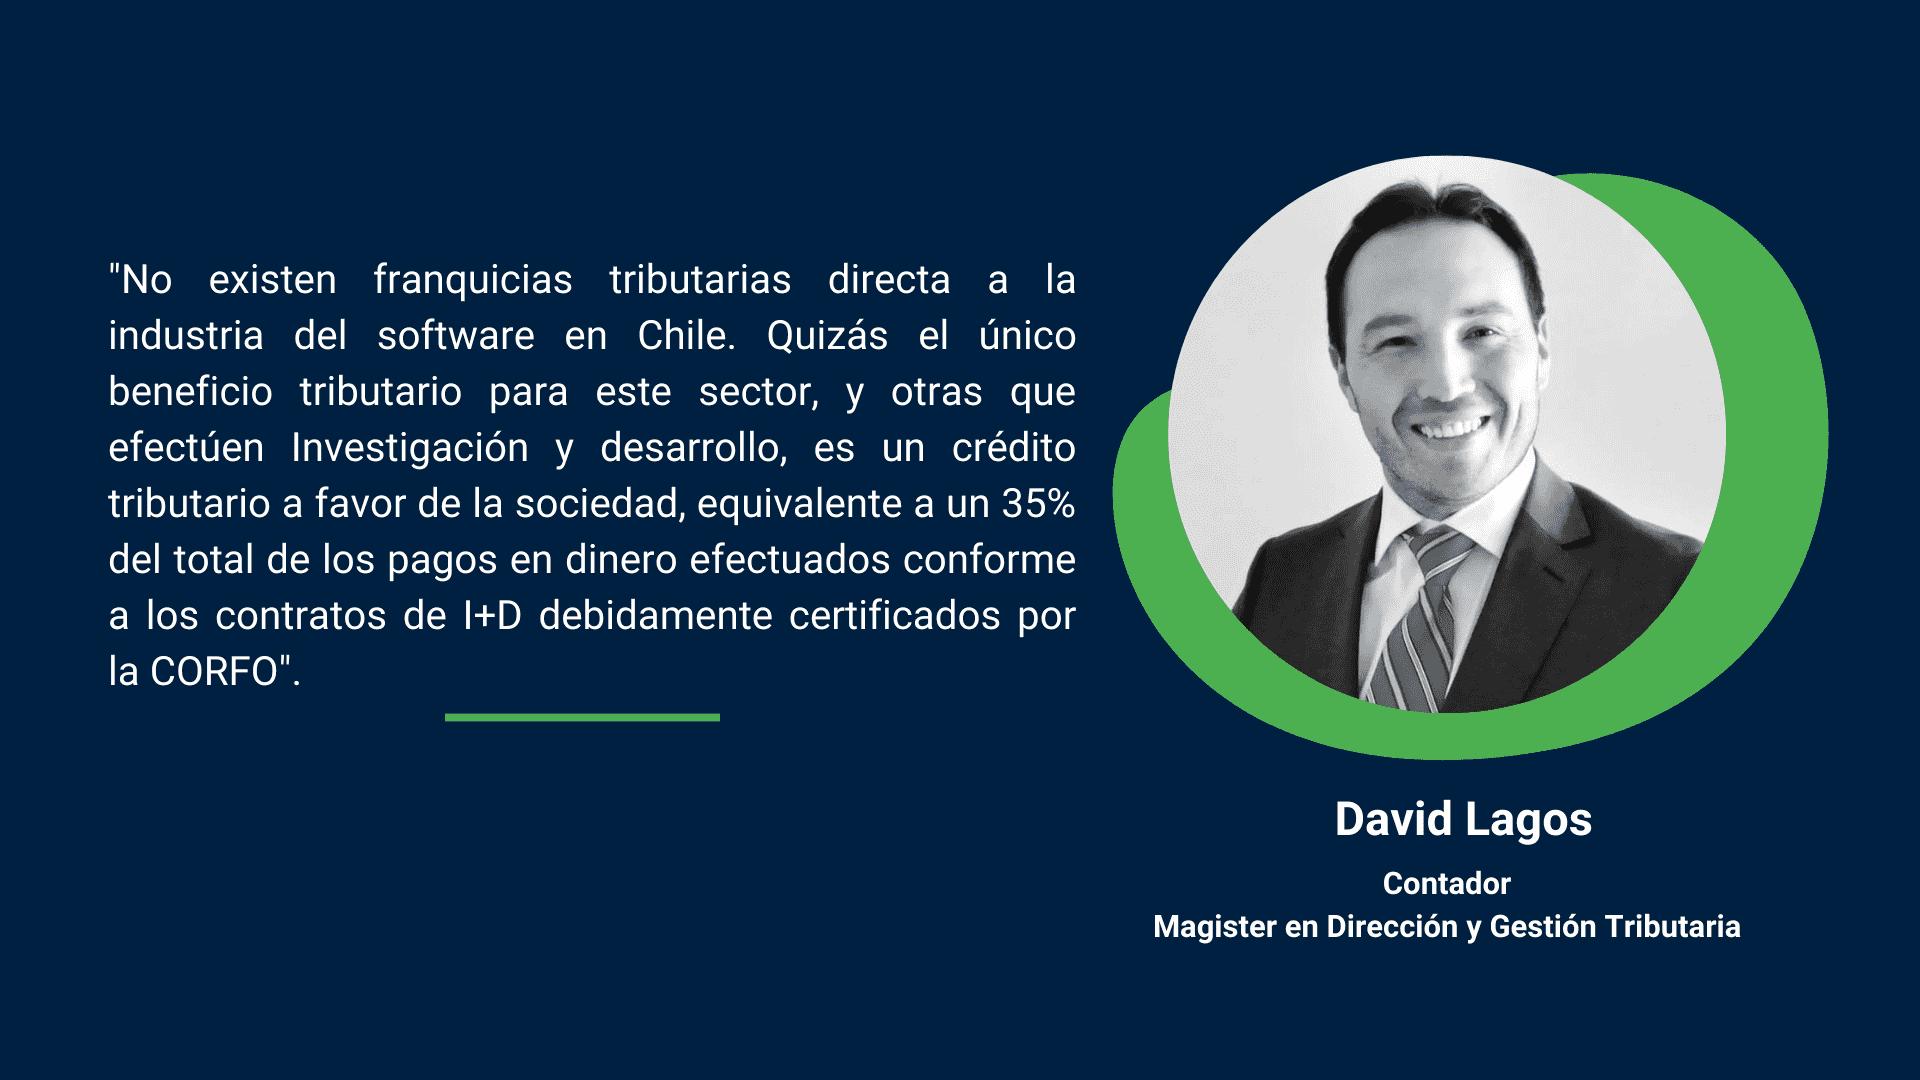 Artículo 41 G de la LIR y la industria de software chilena